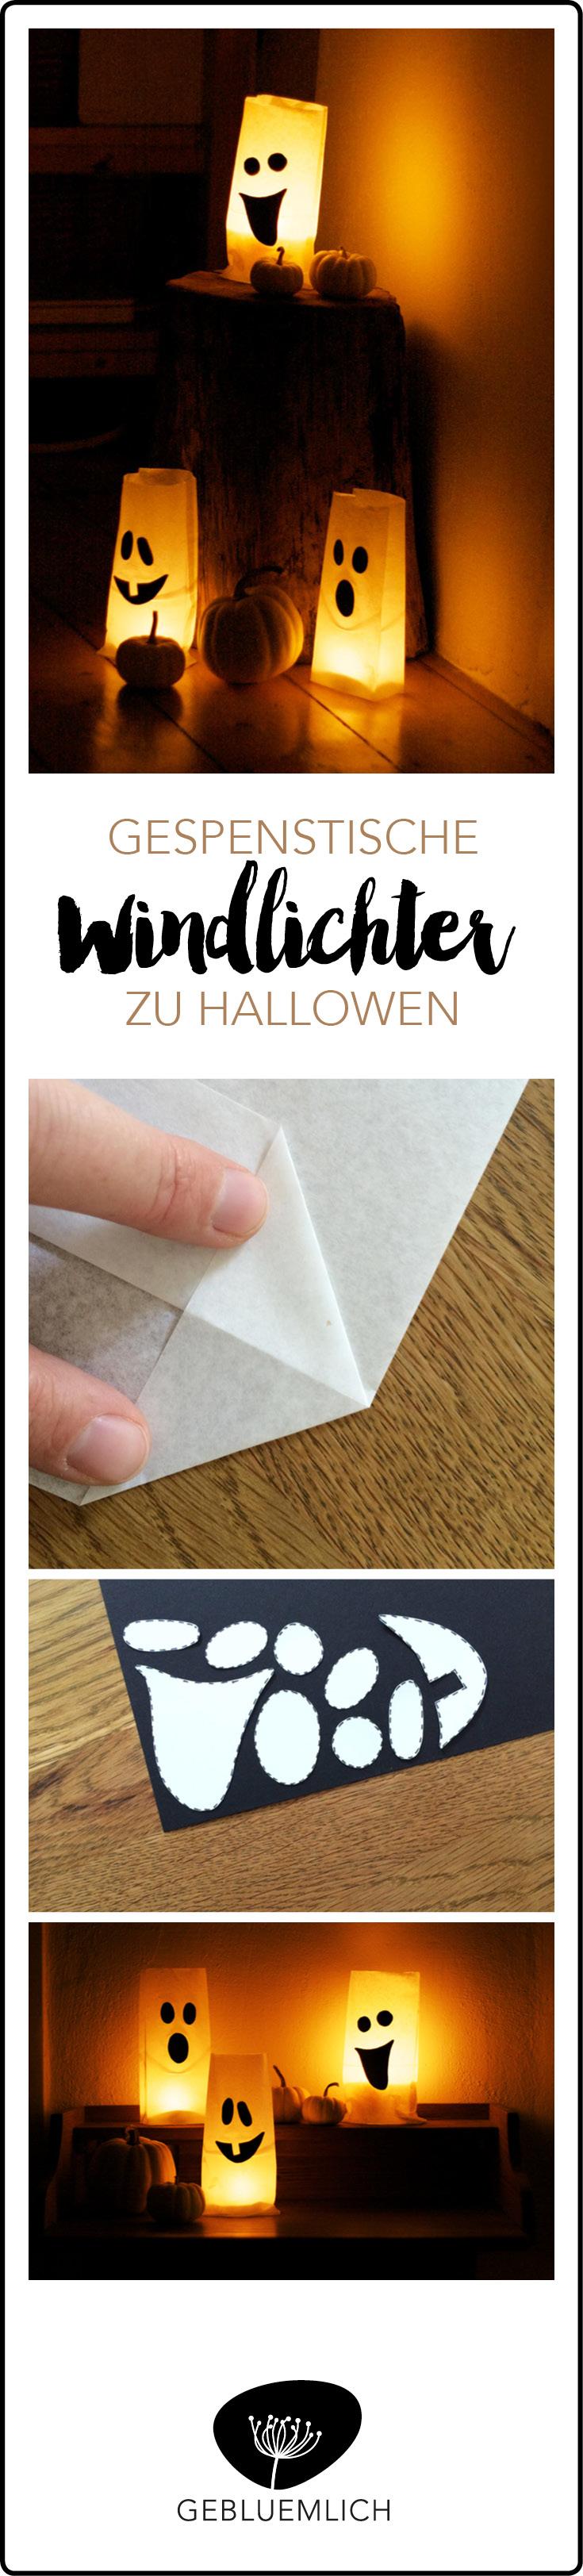 Pinterest Gespenstisches Windlicht zu Halloween